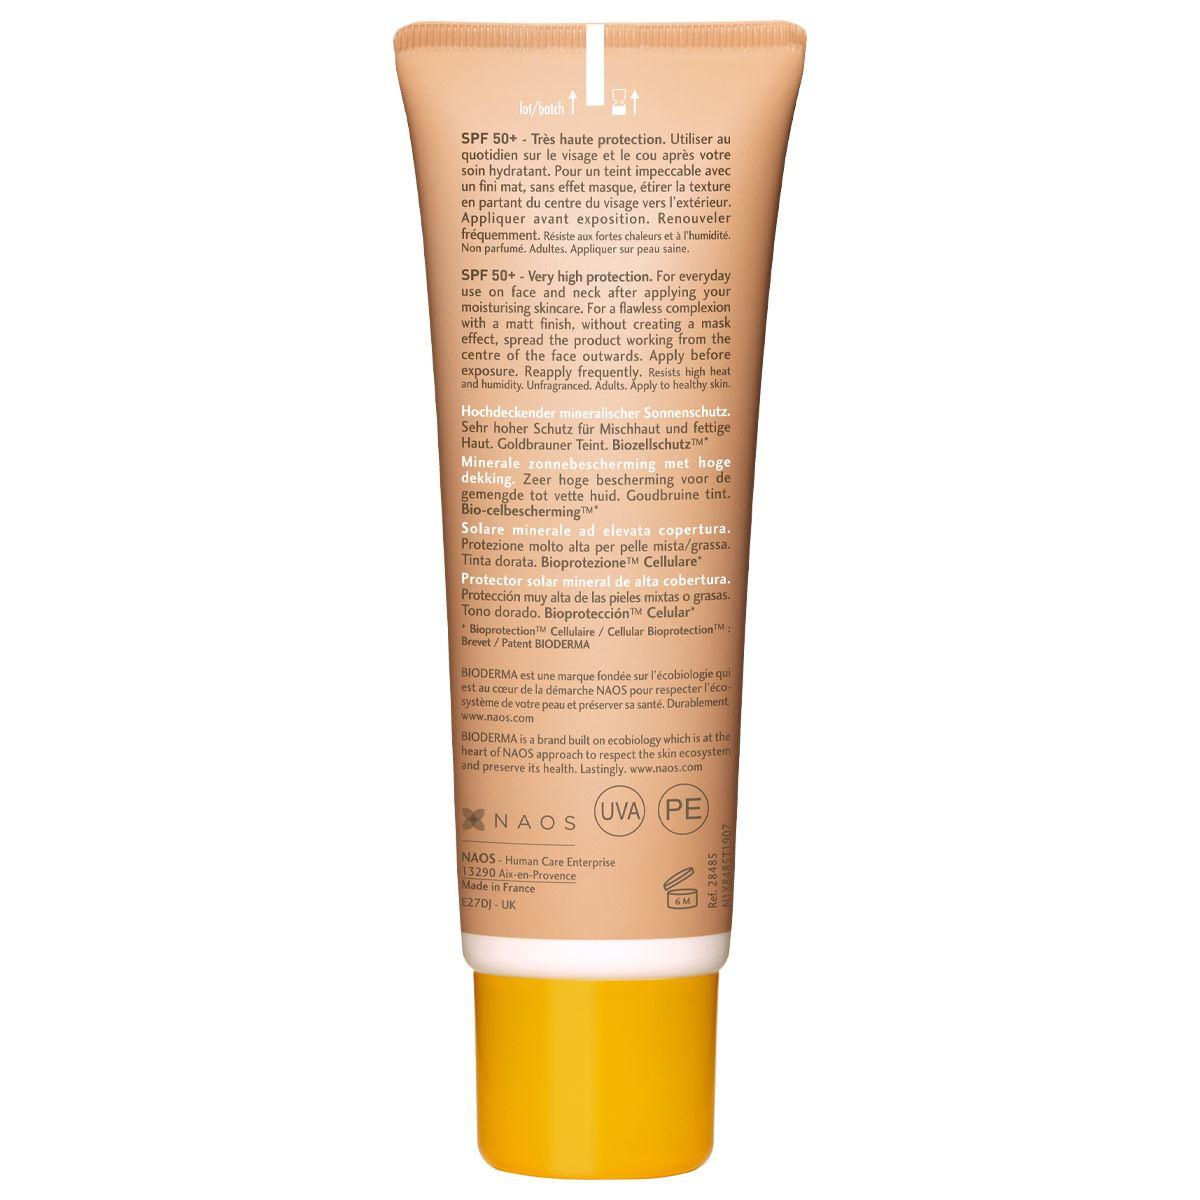 Bioderma Photoderm Cover Touch Protector Solar SPF50+ Tono Dorado Efecto Maquillaje, 40 ml